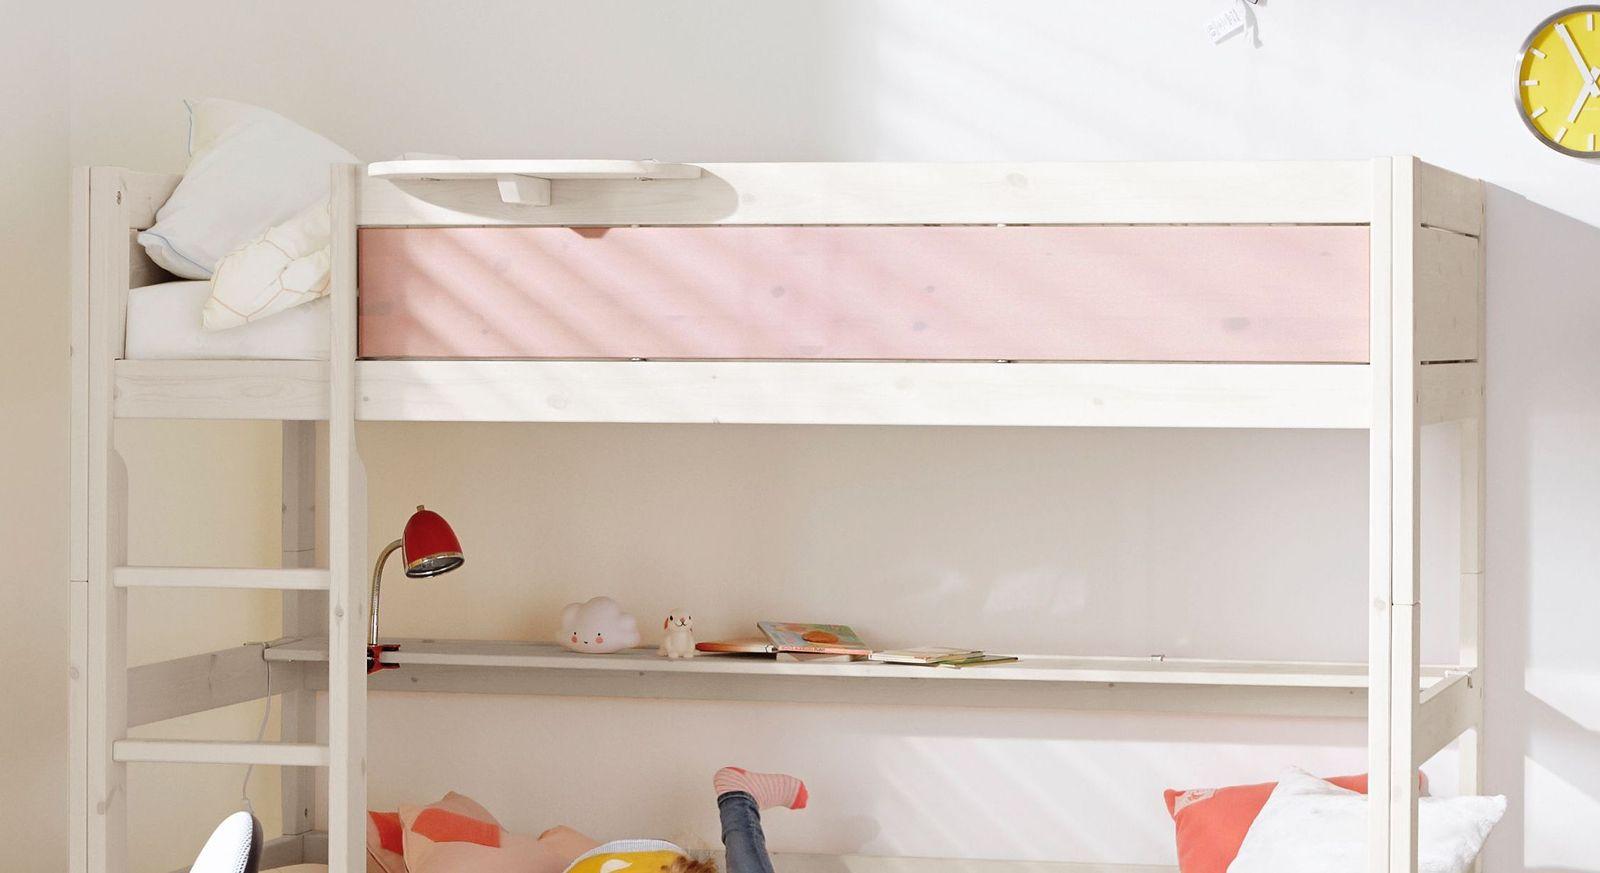 Kindgerechtes LIFETIME Etagenbett Color mit GS-Siegel